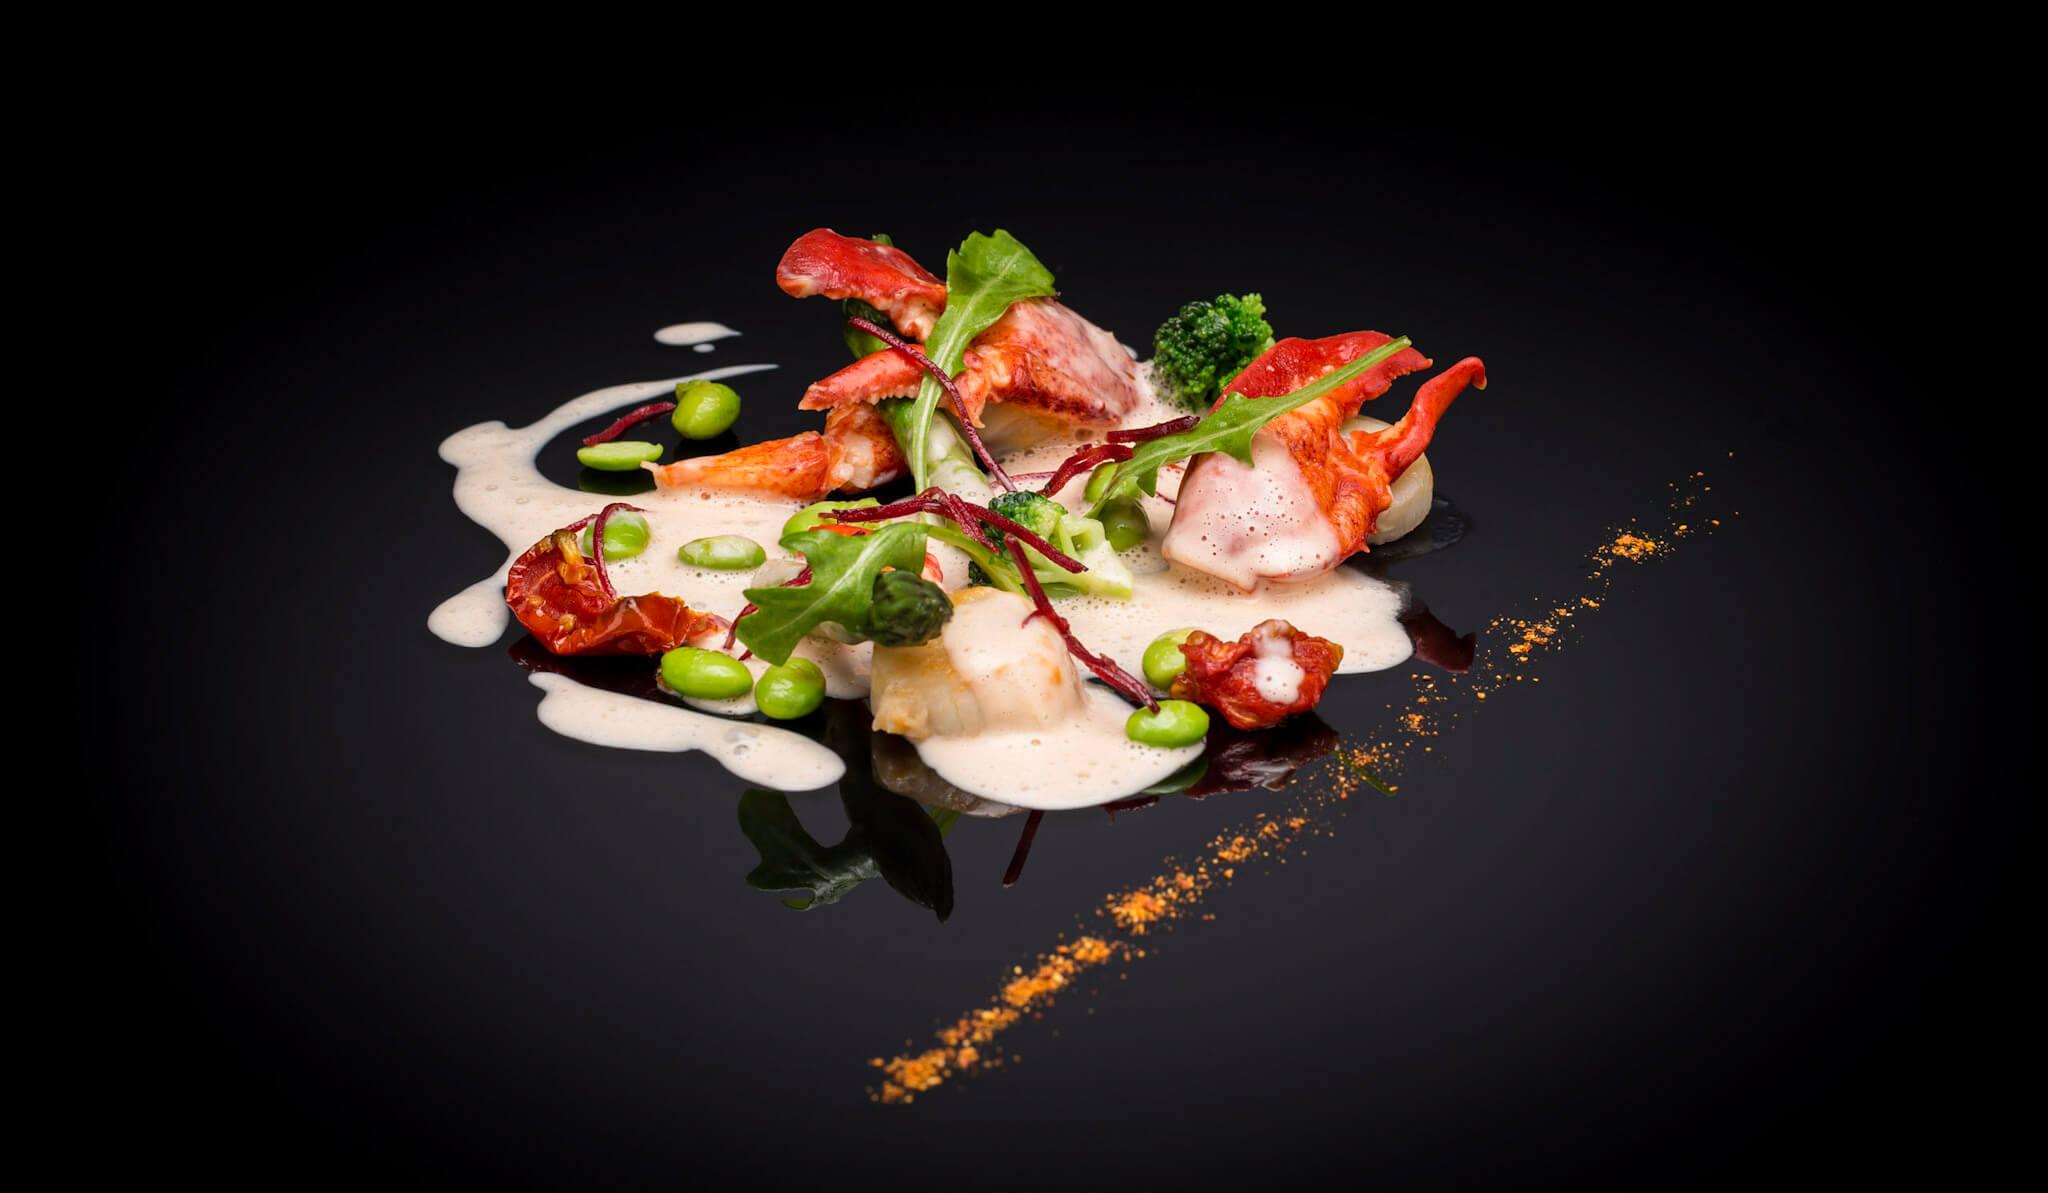 Les réalisations Lehmann Studio, photographe à Angers - shooting culinaire en studio crustacés